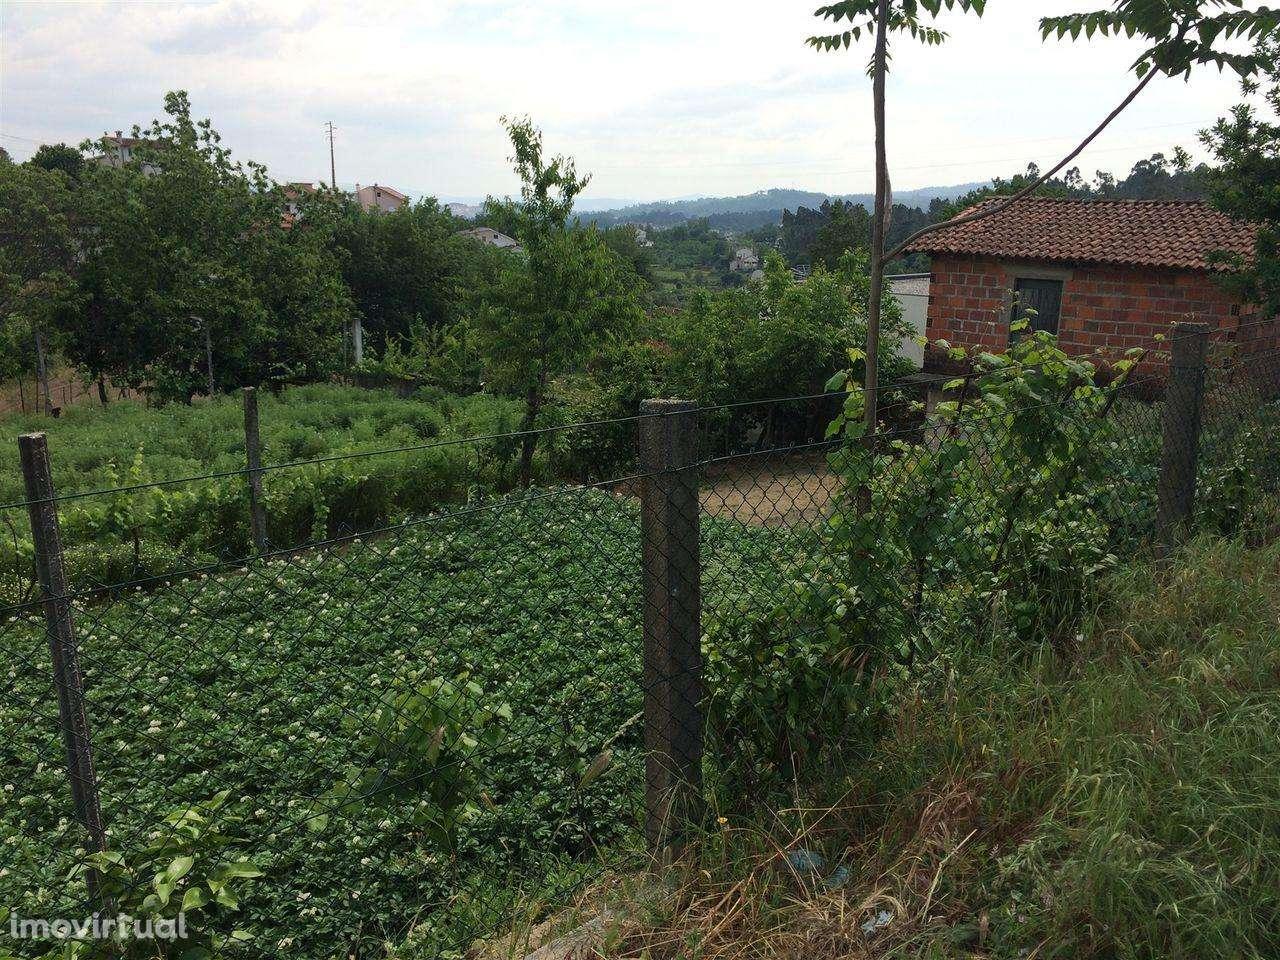 Terreno para comprar, Sande, Vilarinho, Barros e Gomide, Braga - Foto 9